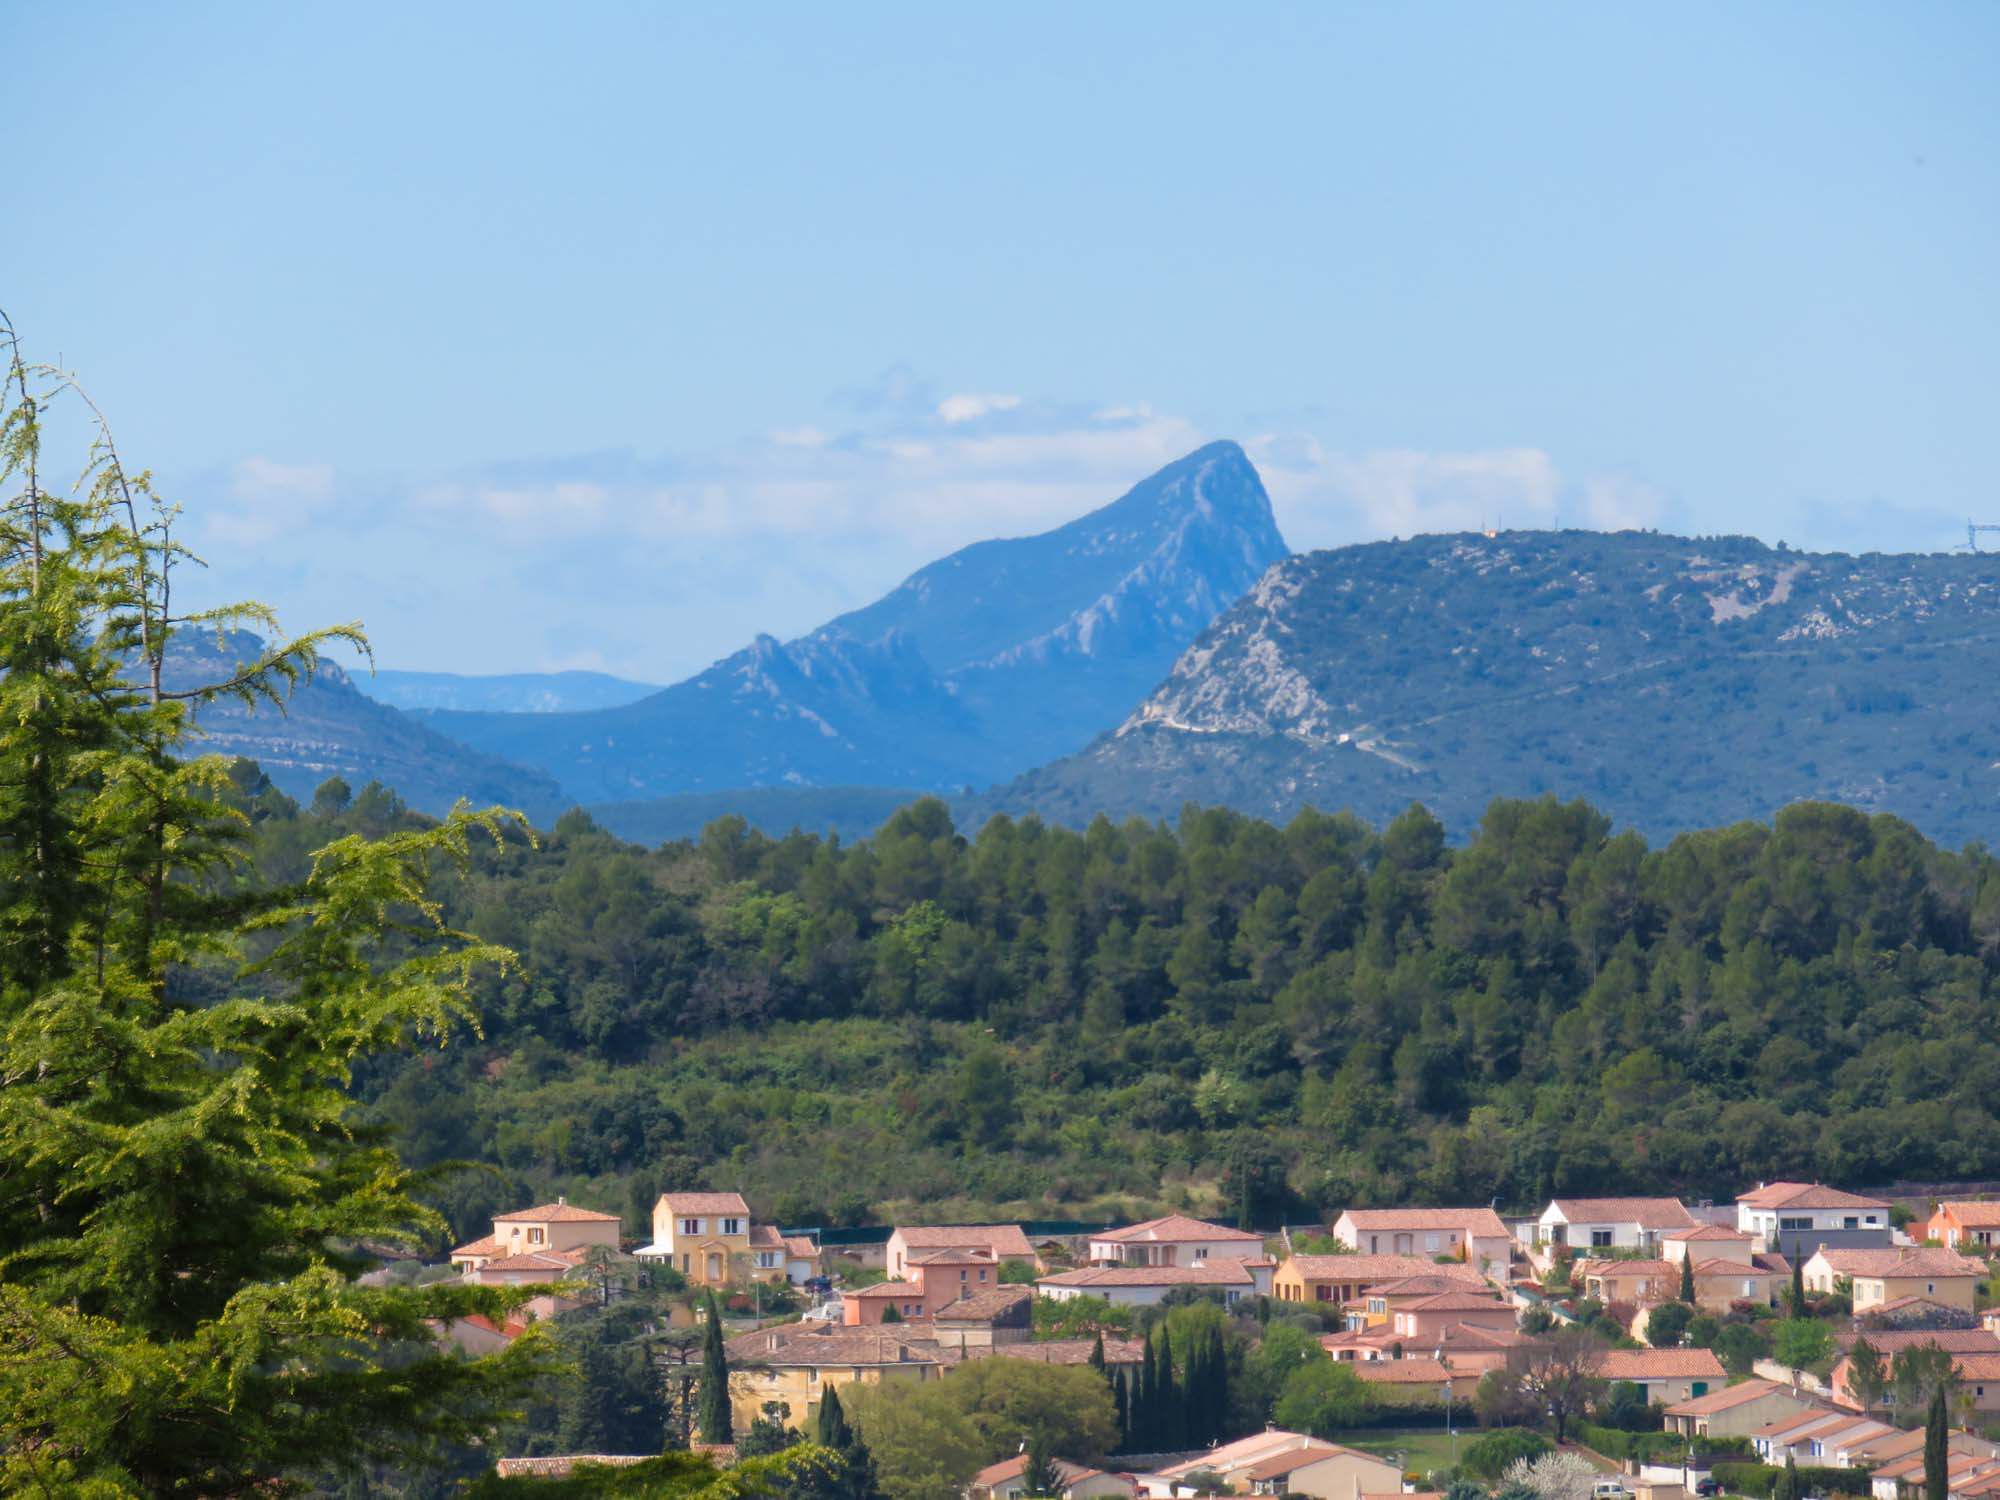 Weiter Blick über das Land zum Pic Saint Loup